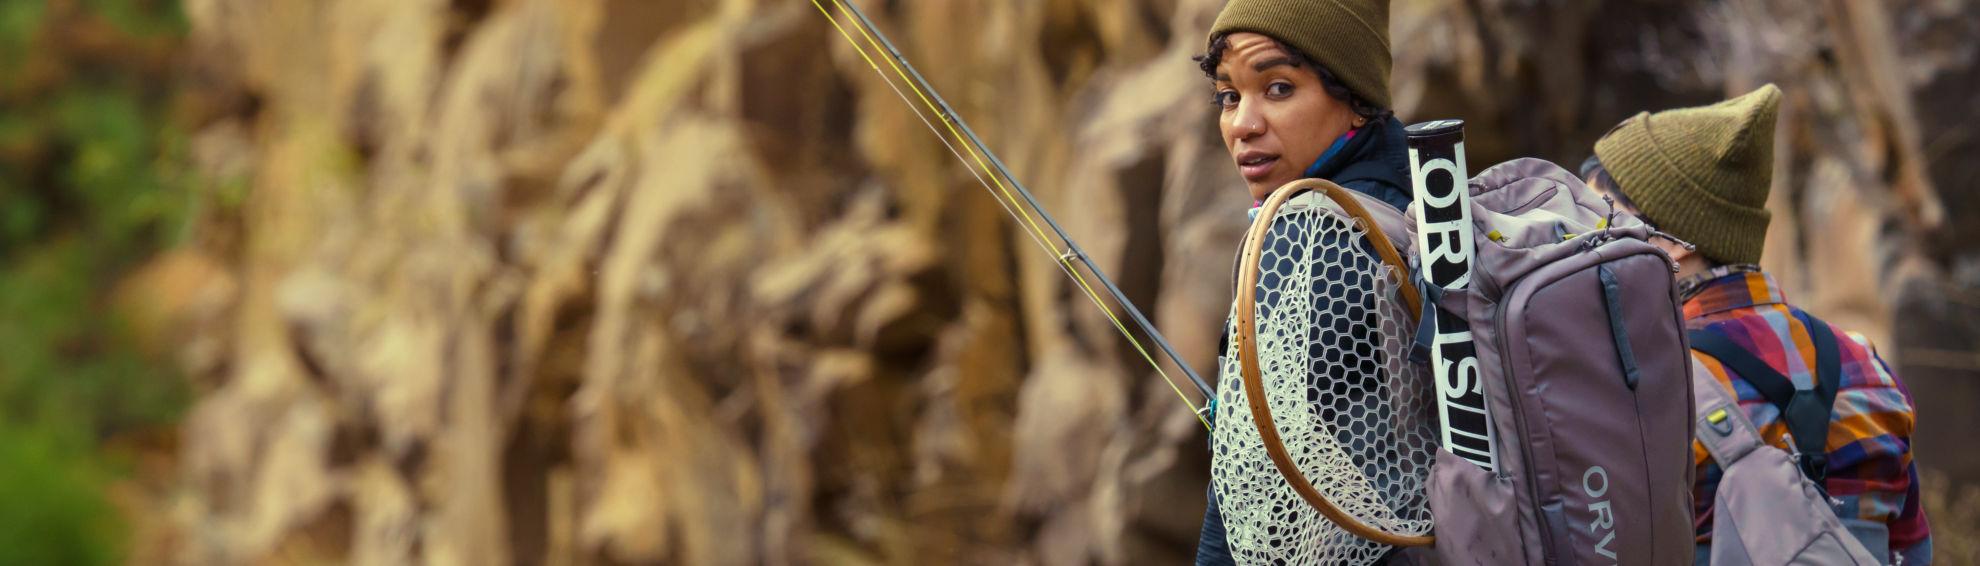 Woman fishing wearing a fishing pack